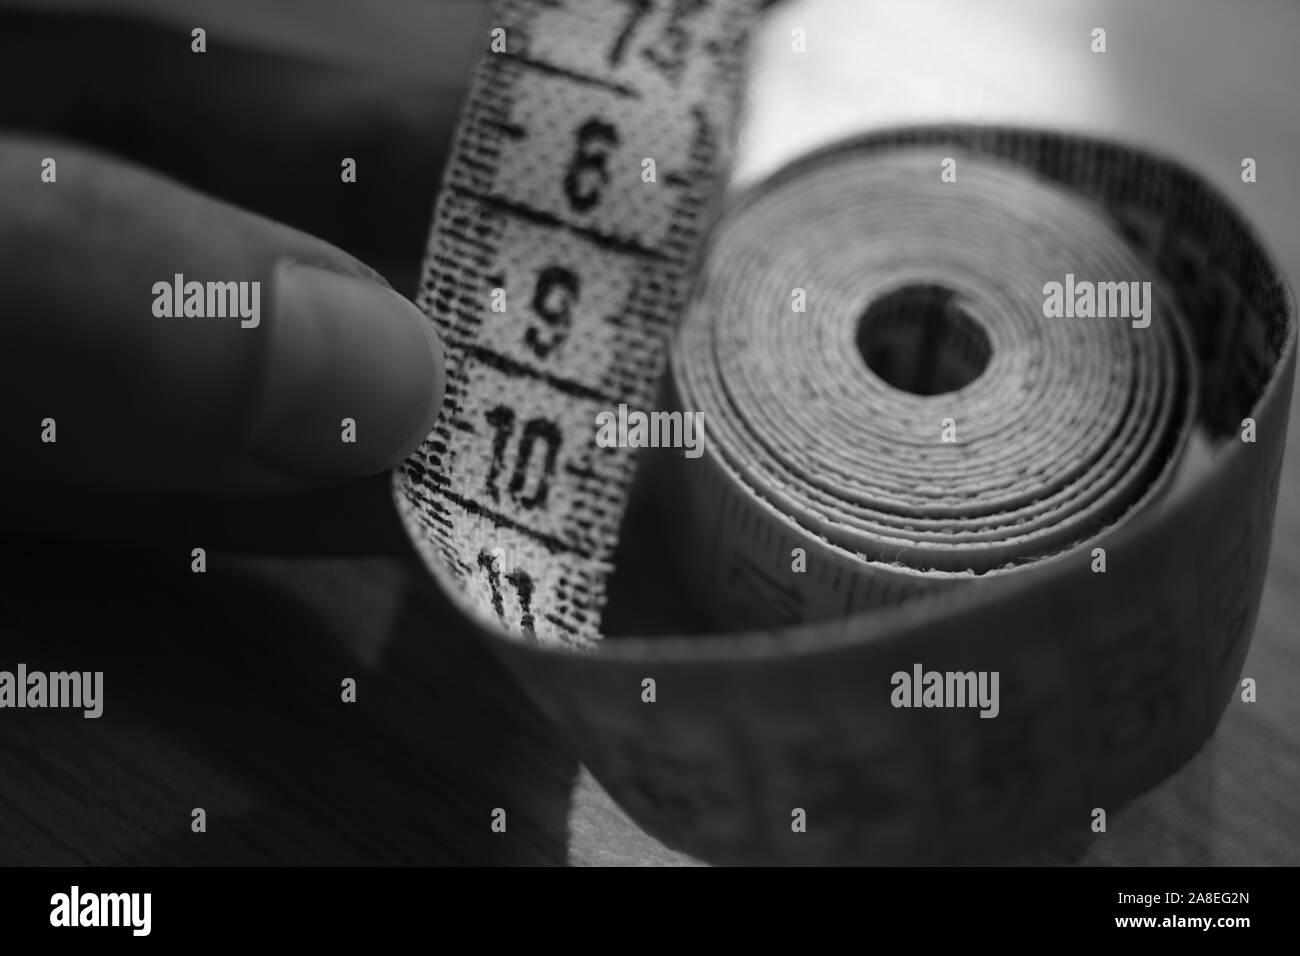 Maßband auf den menschlichen Finger. Schwarz-weiß Foto. Stockfoto